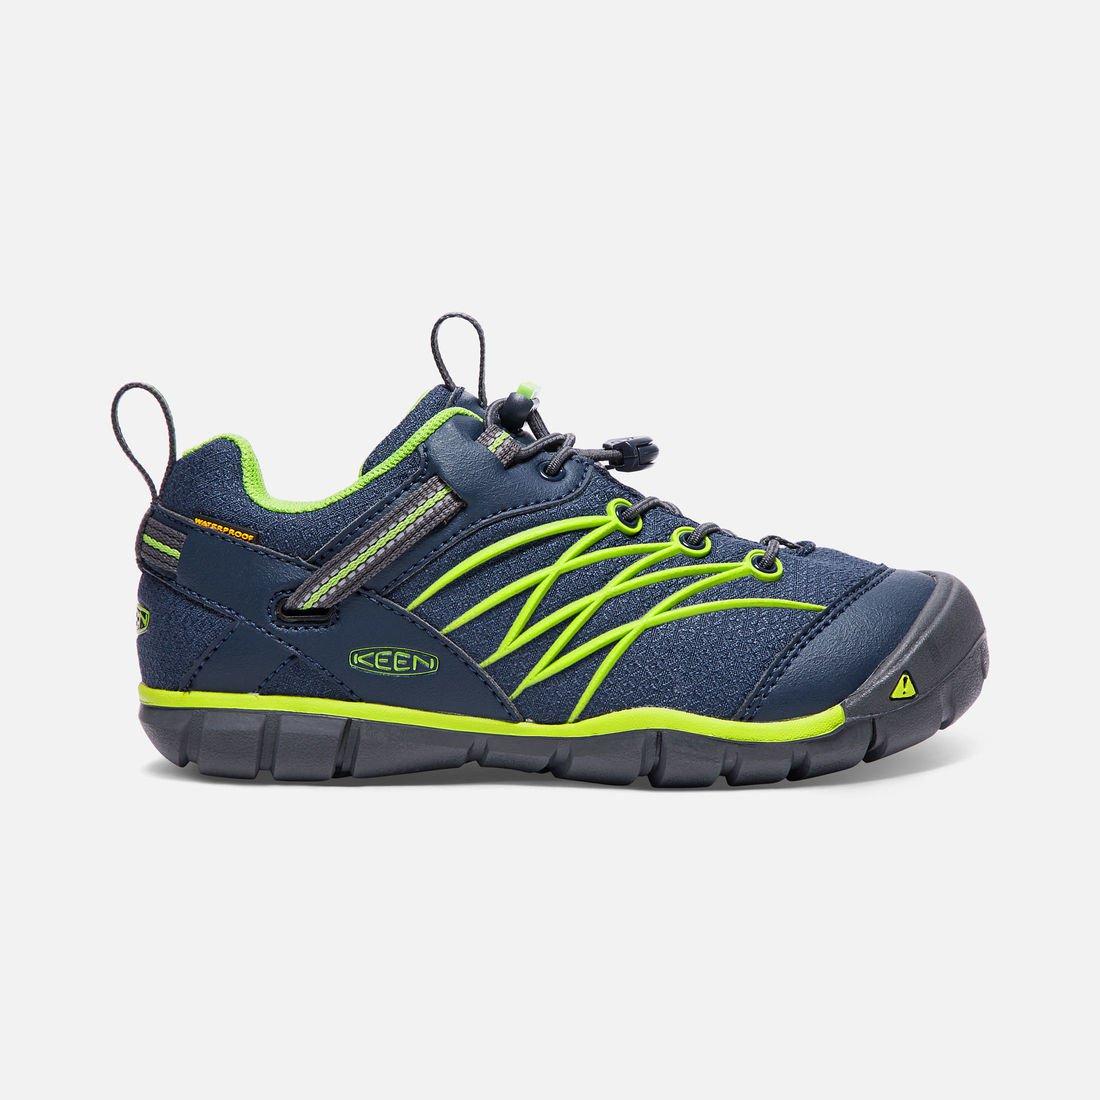 Chandler CNX Waterproof Dressblues/ Greenery (c)keenfootwear.com